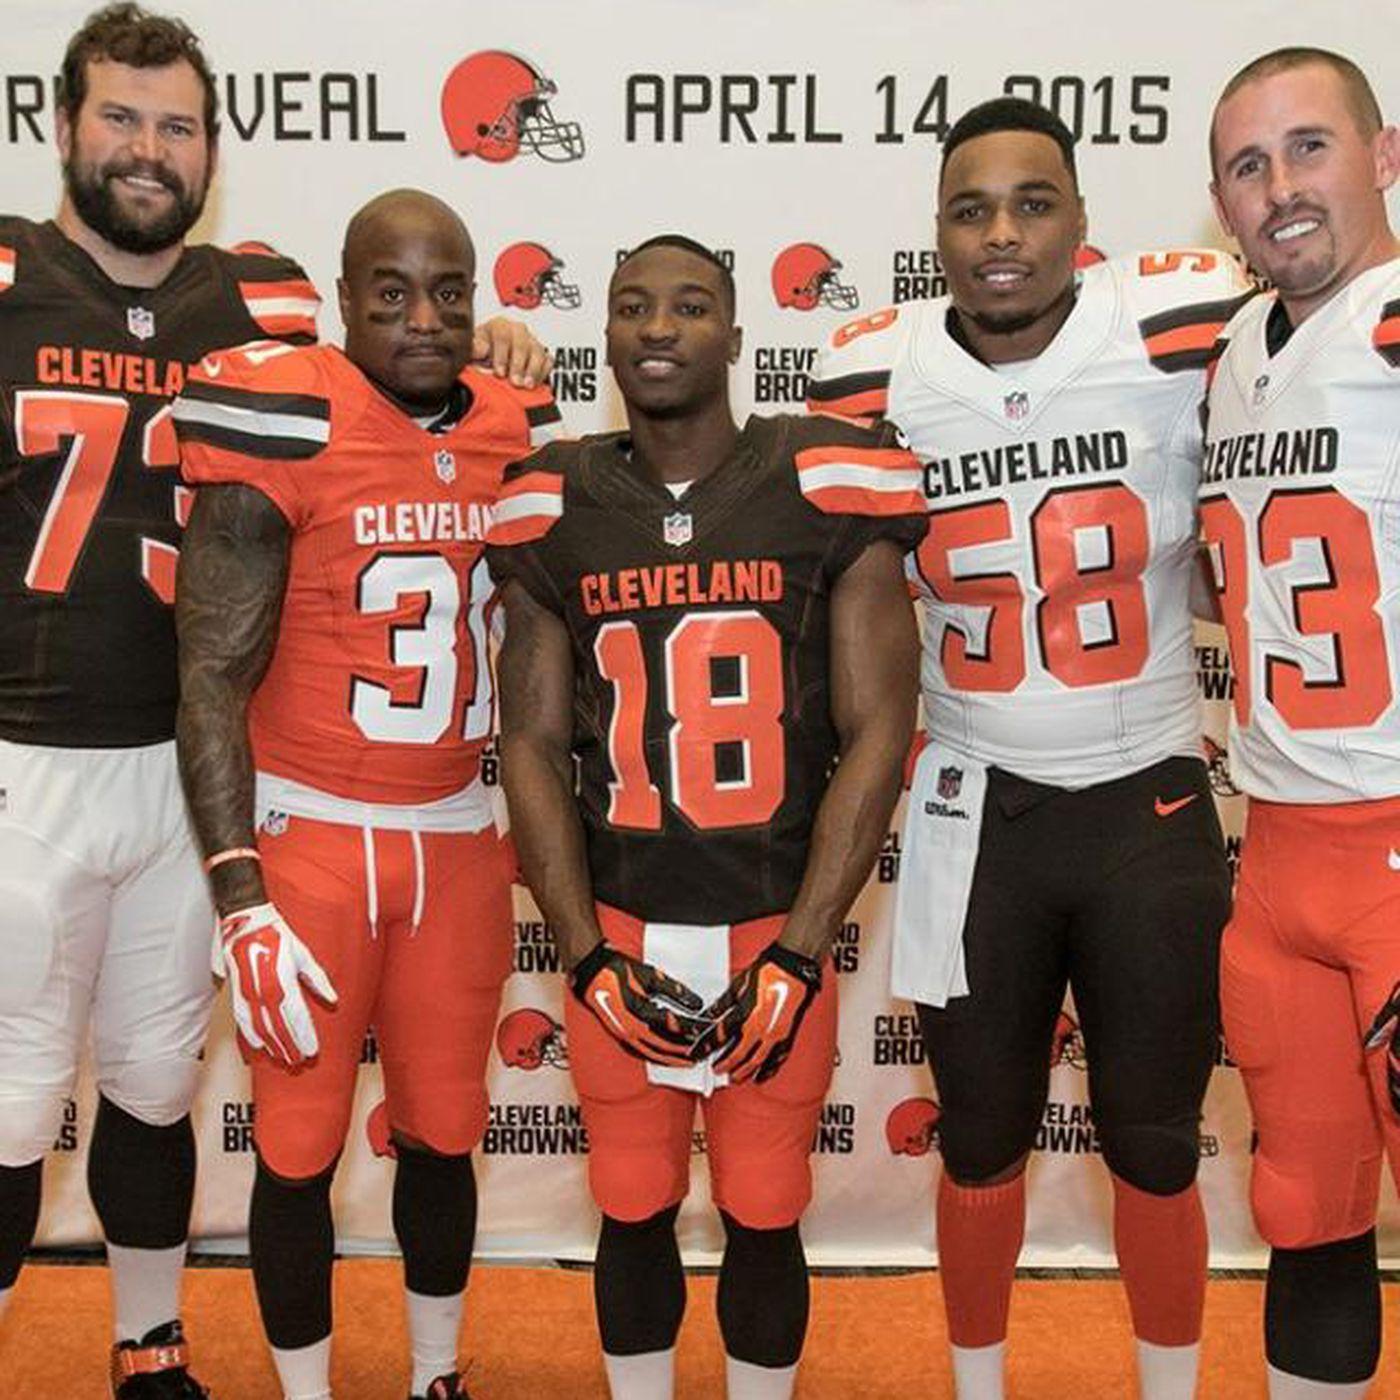 separation shoes 53ac9 c7af1 Cleveland Browns Unveil New Uniforms For 2015 - Cincy Jungle